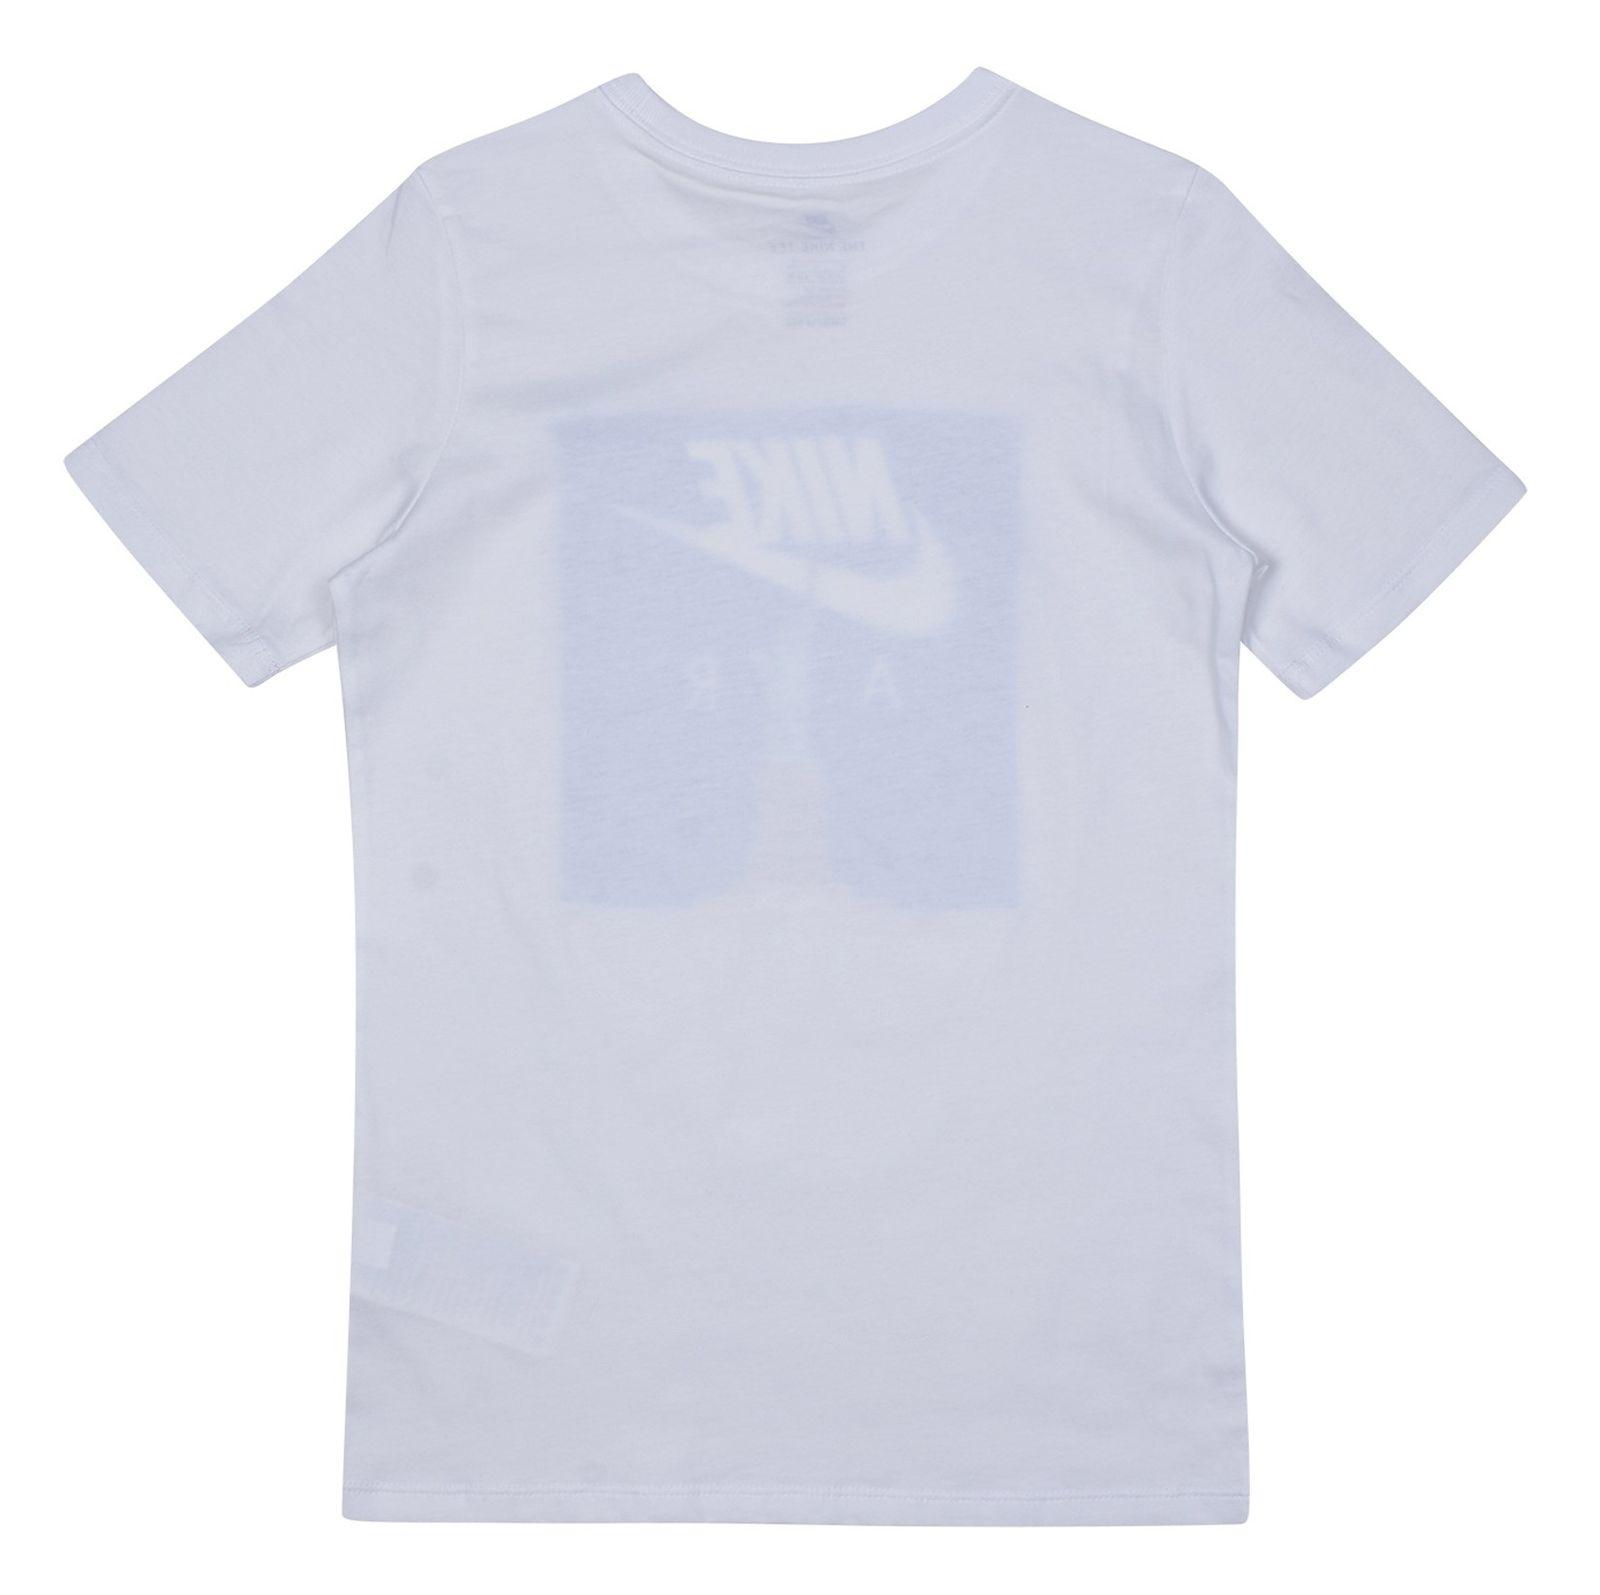 تی شرت ورزشی آستین کوتاه پسرانه Air Liberty - نایکی - سفيد - 6